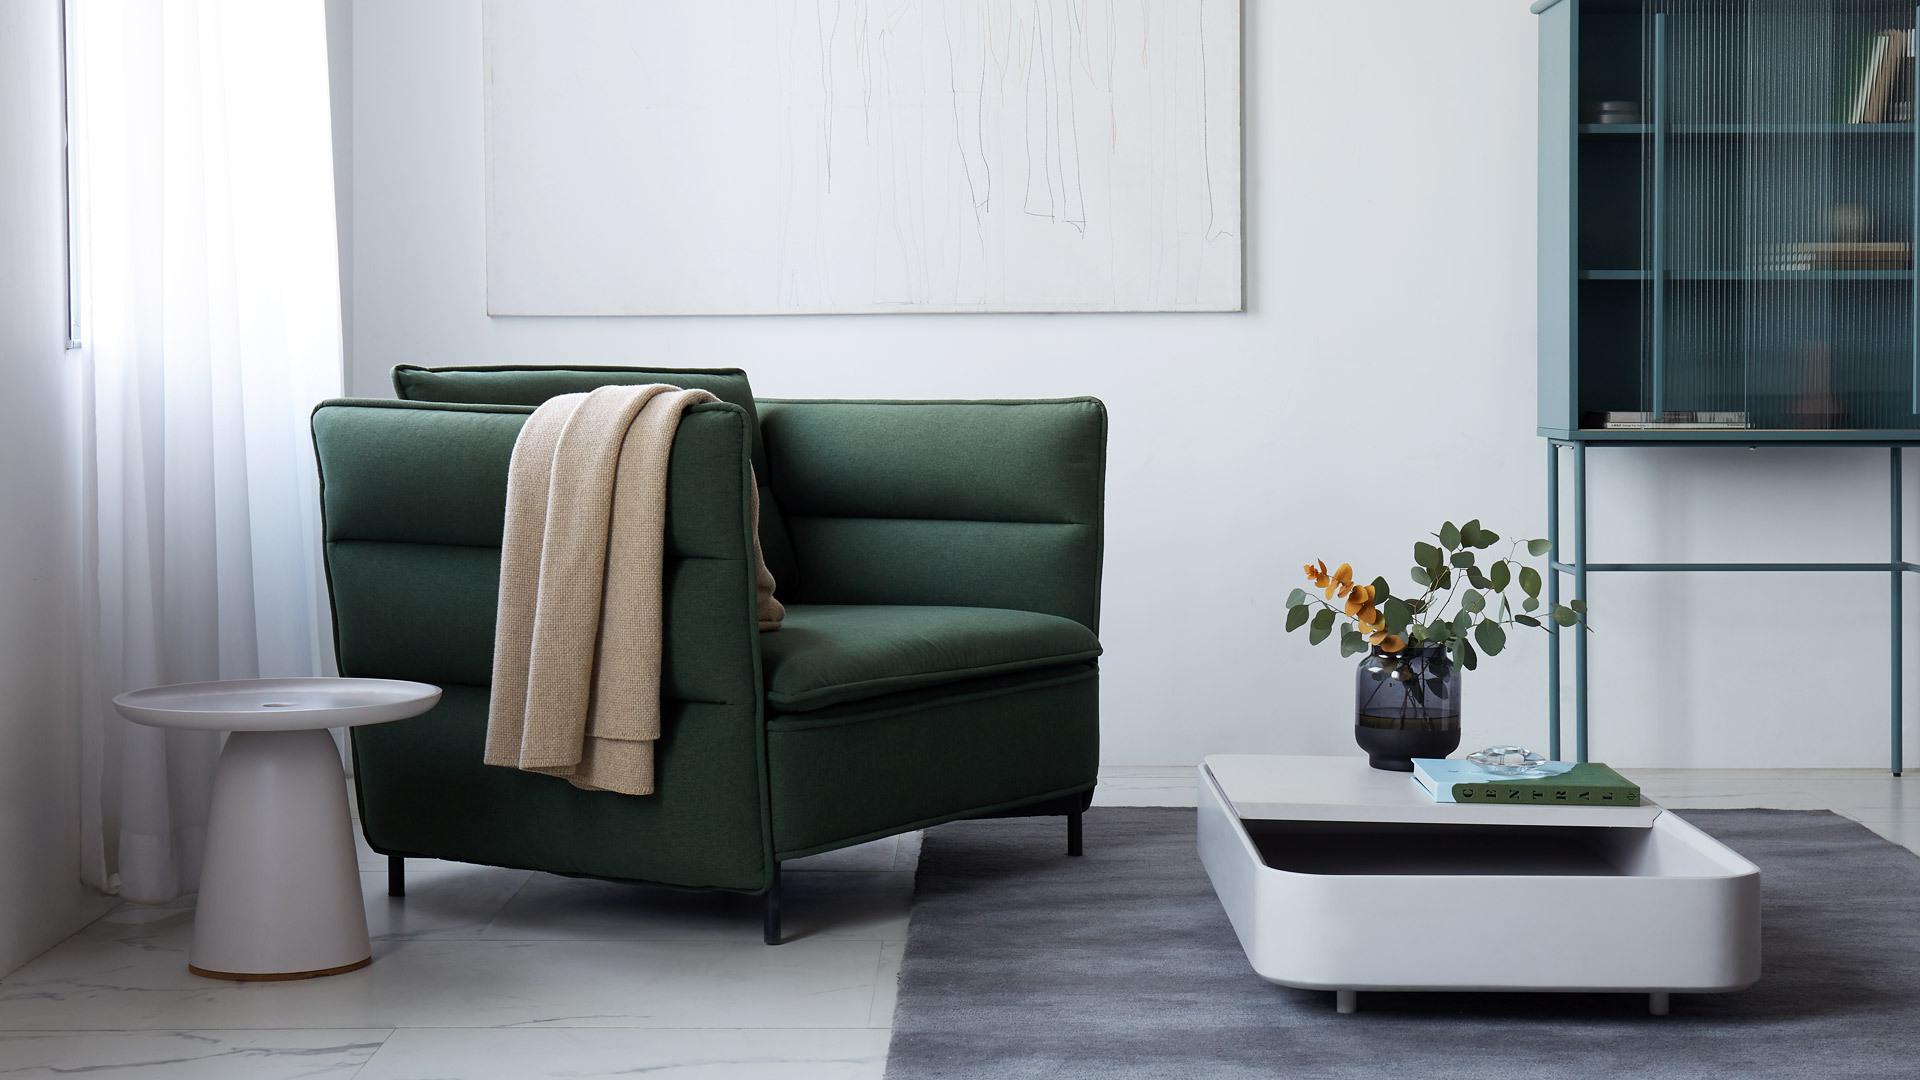 生机绿色,安享静谧阅读时光